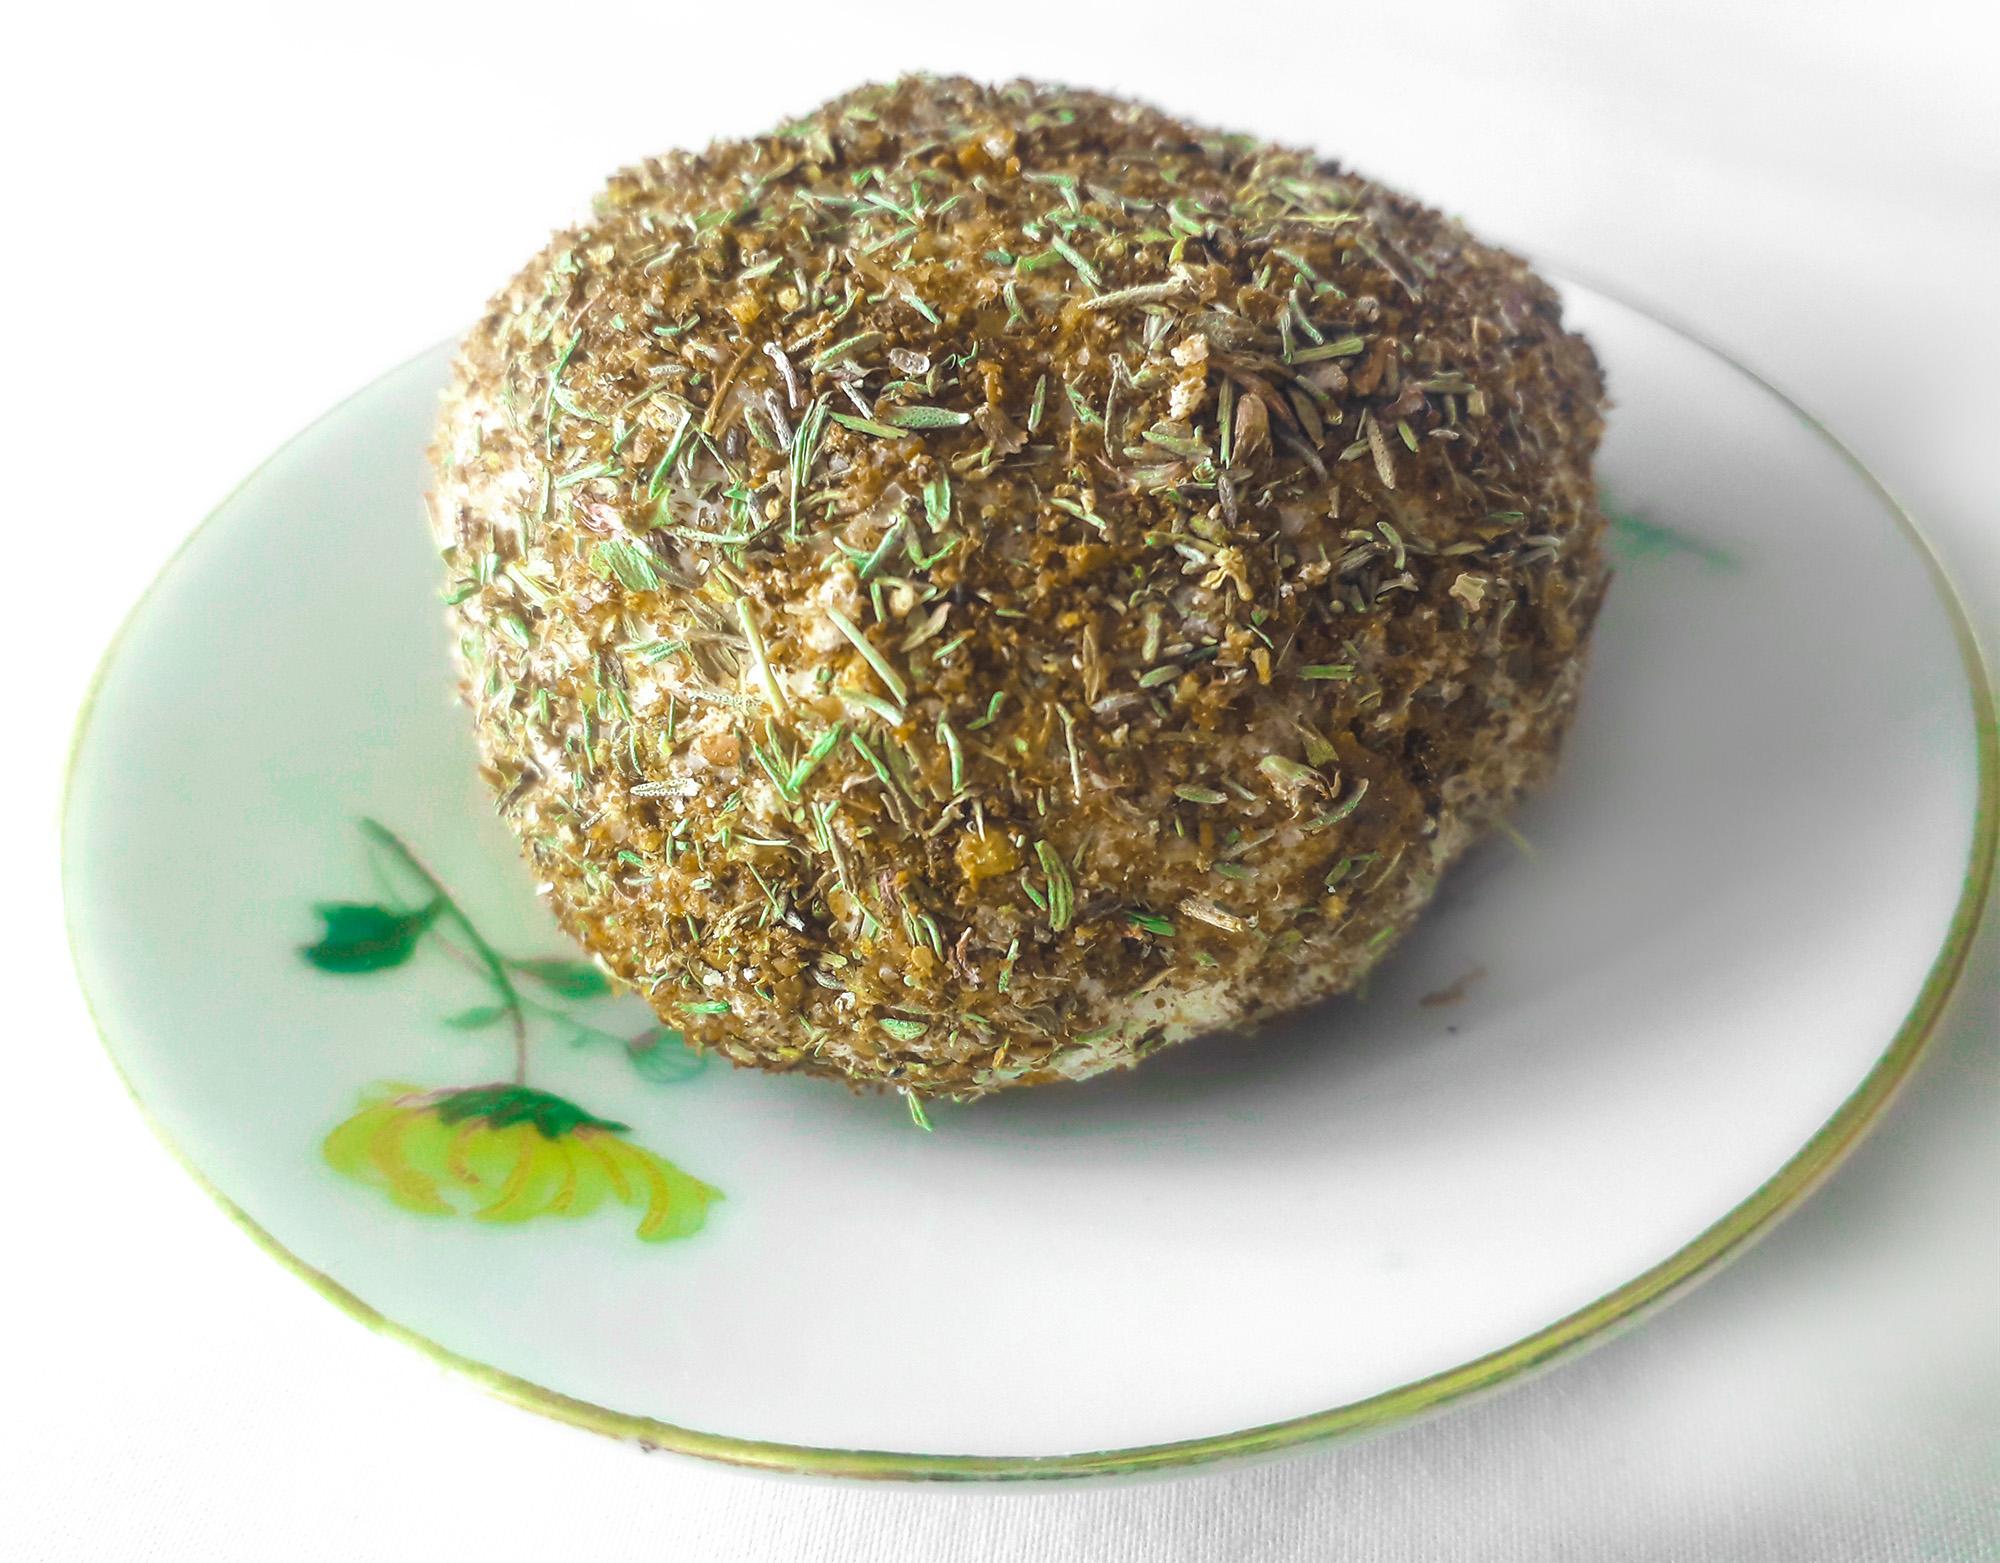 Receta Queso Vegano Okara Almendras Afuegolento 2